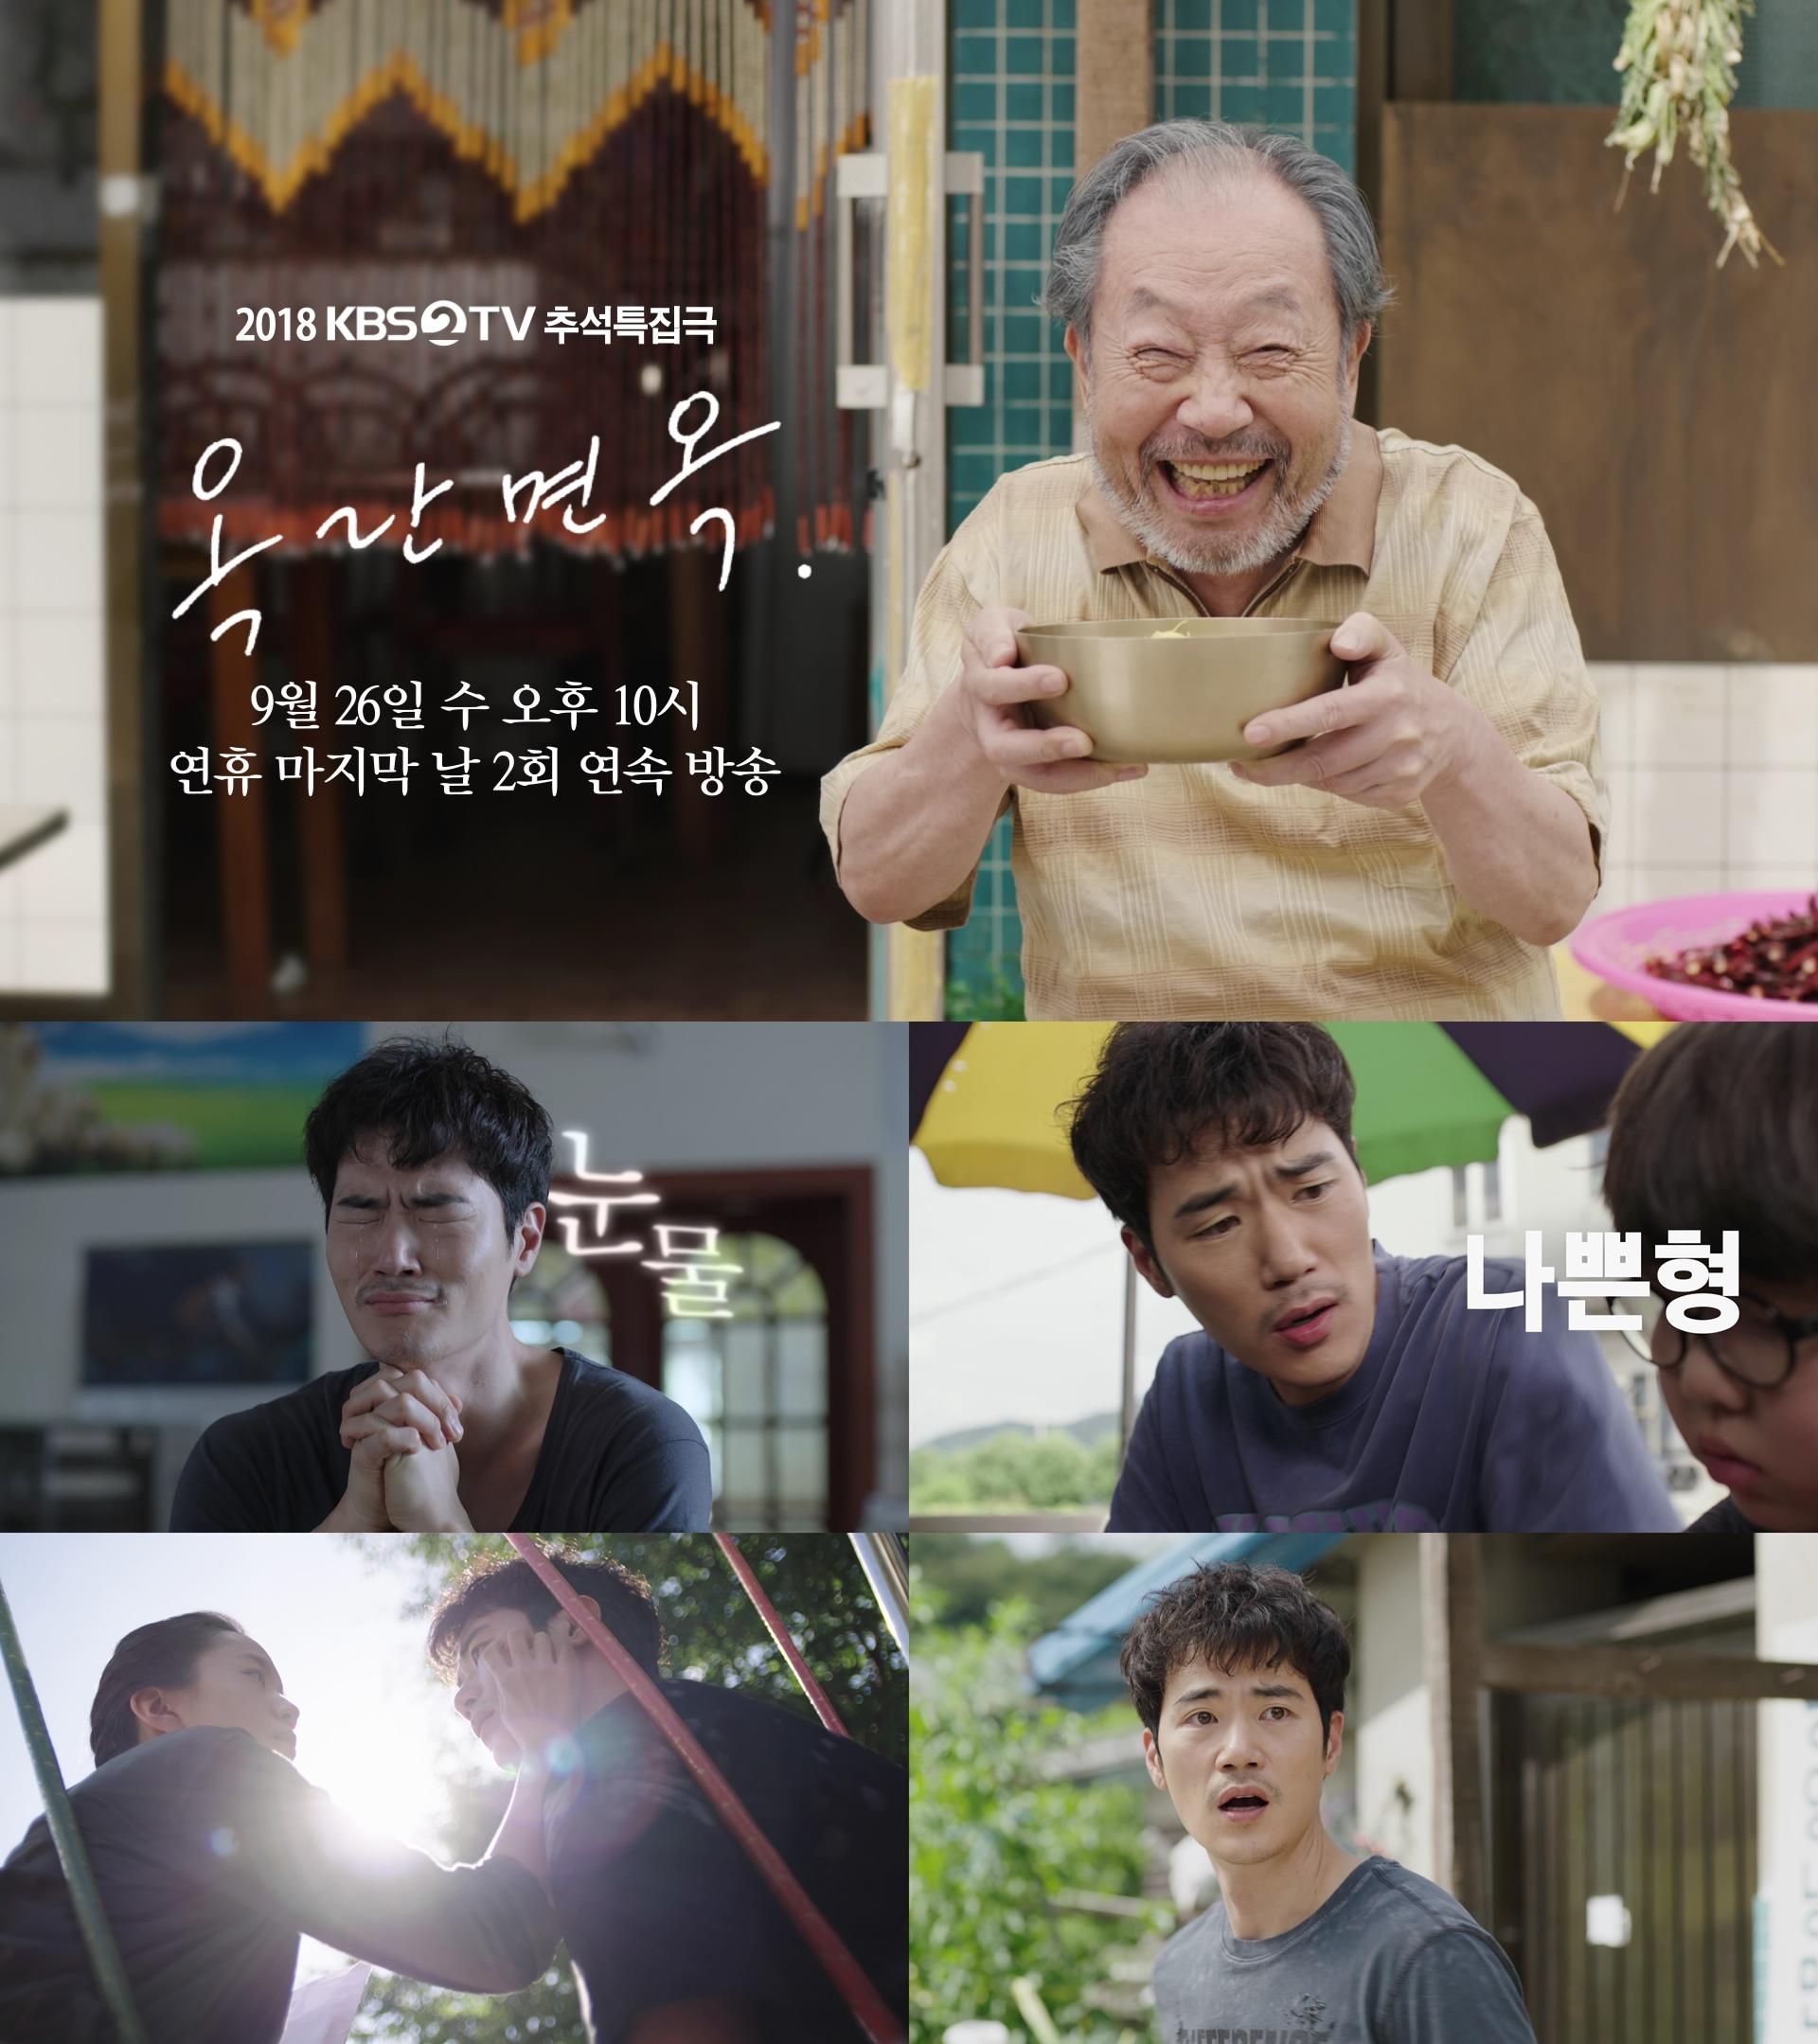 추석특집극 '옥란면옥' 신구X김강우 냉면부자 티저 공개